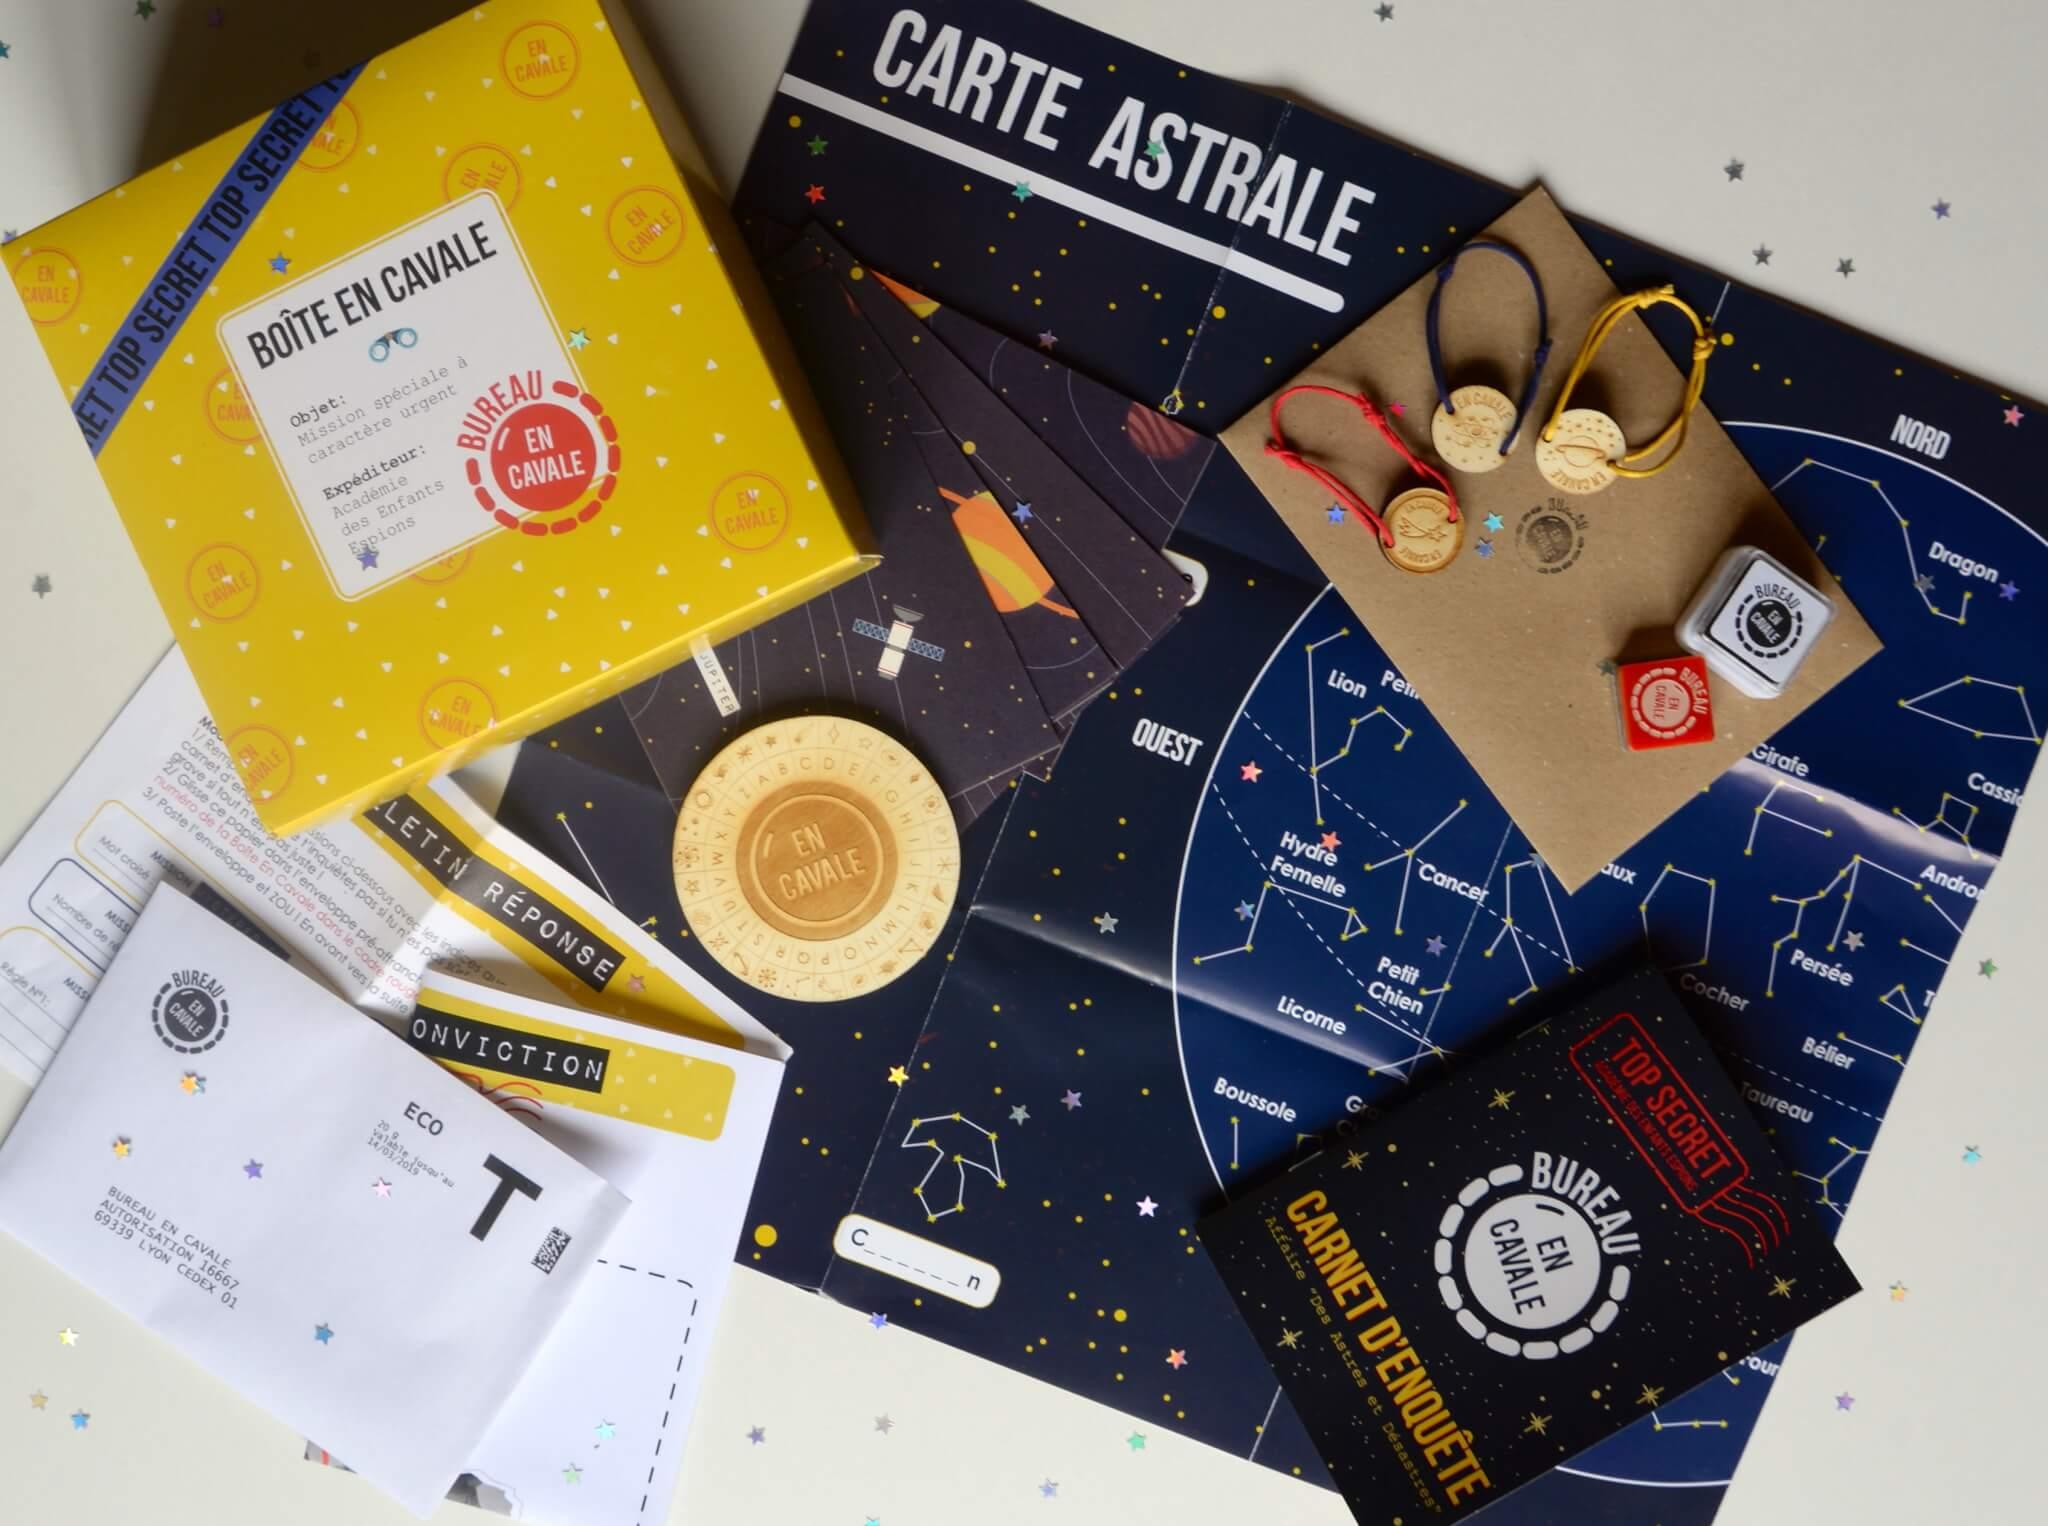 packaging of En Cavale